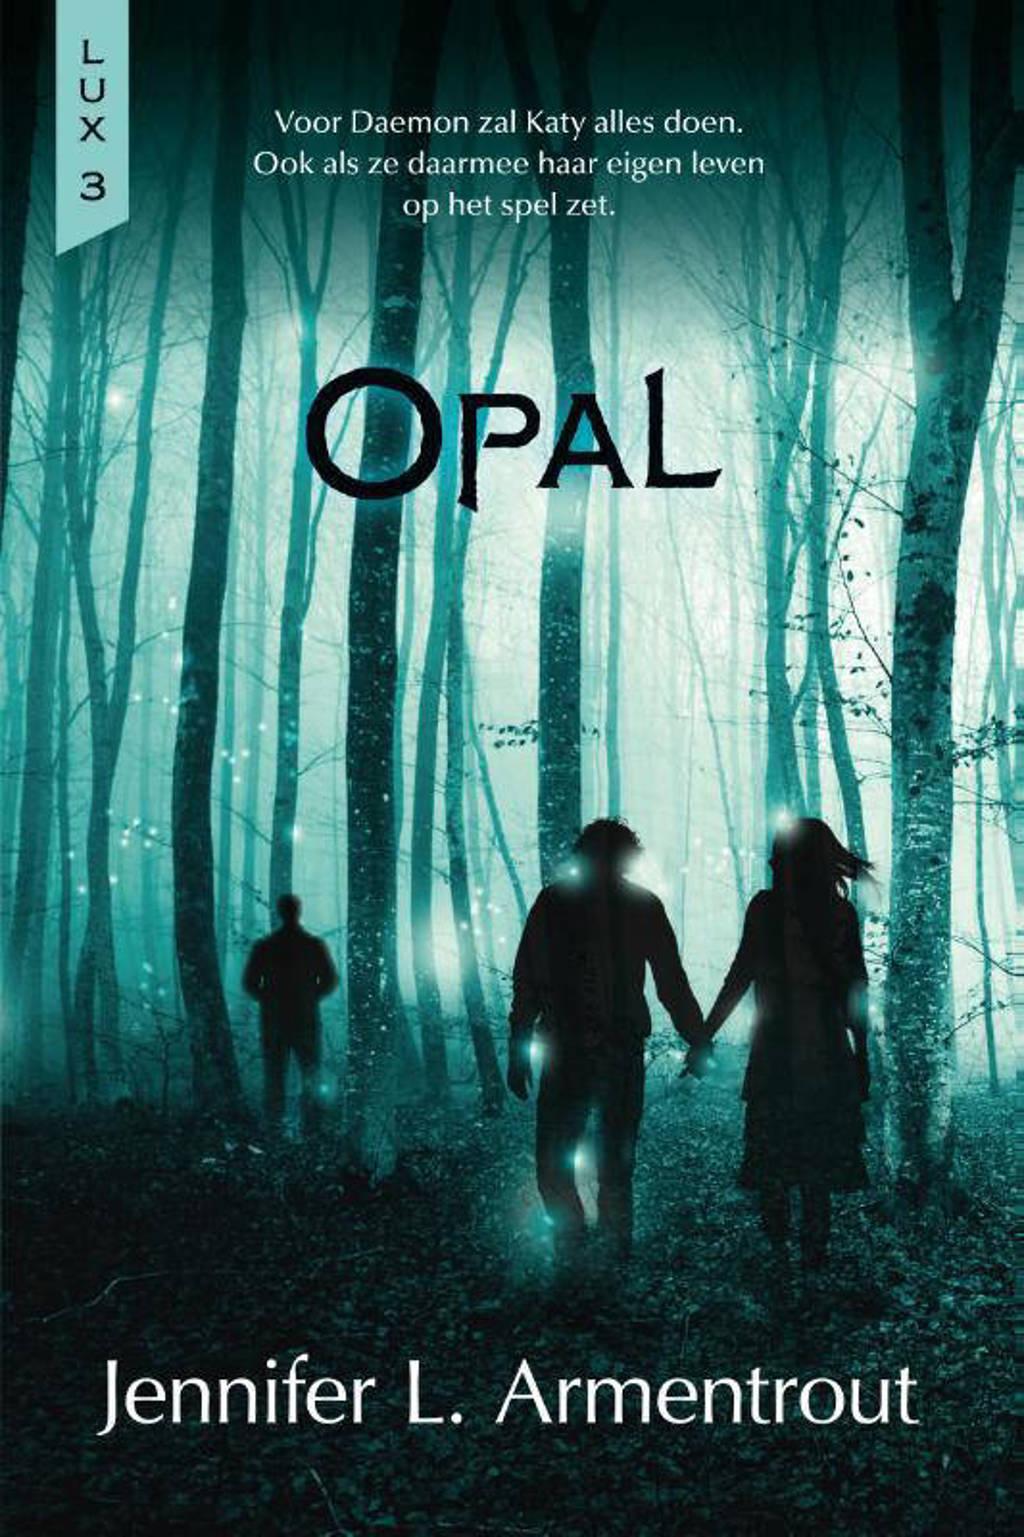 Lux: Opal - Jennifer L. Armentrout